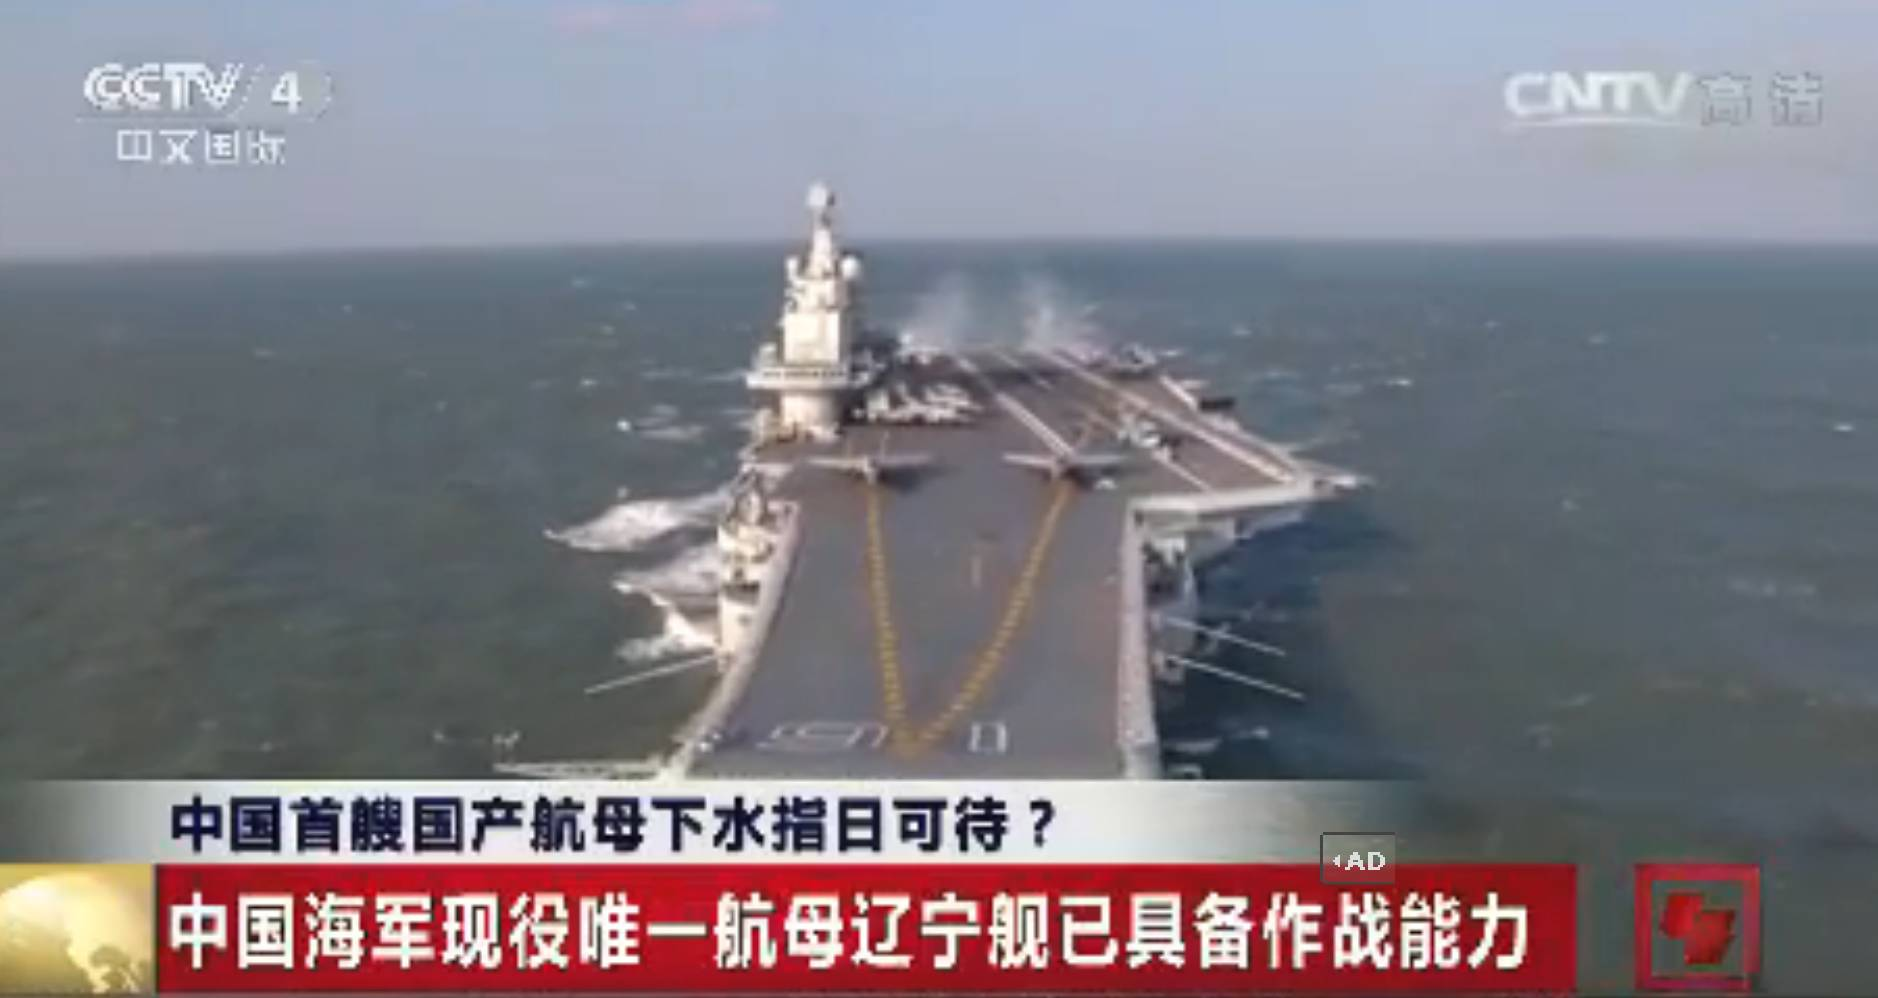 去年底今年初,辽宁舰航母编队沿渤海,黄海,东海,南海,由北至南,中间